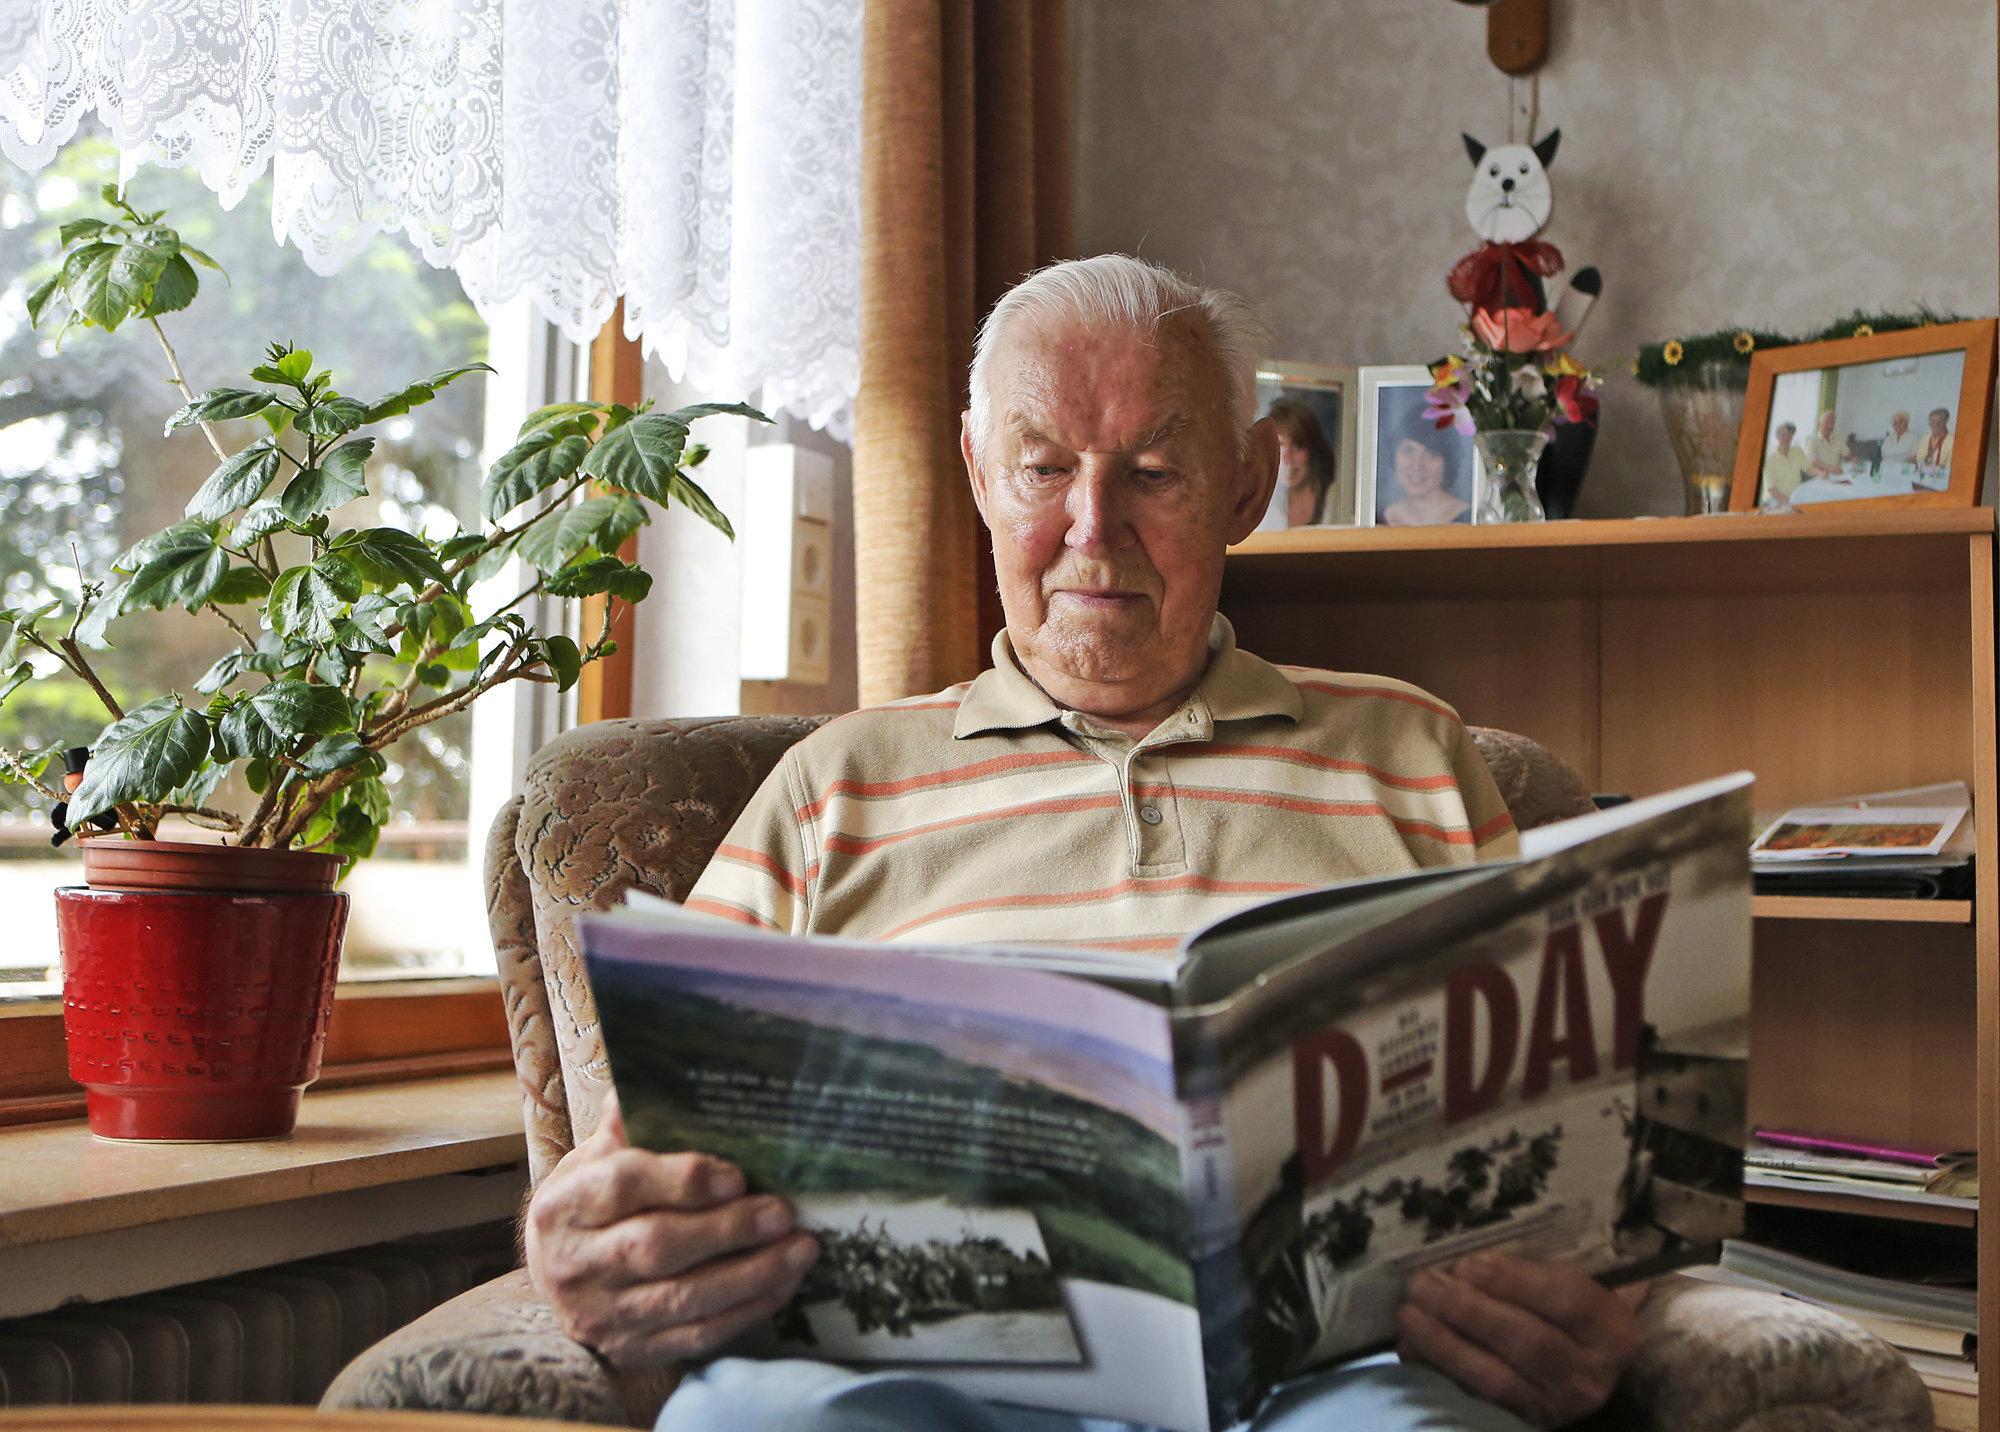 За немецкими стариками ухаживает «русская мафия»?